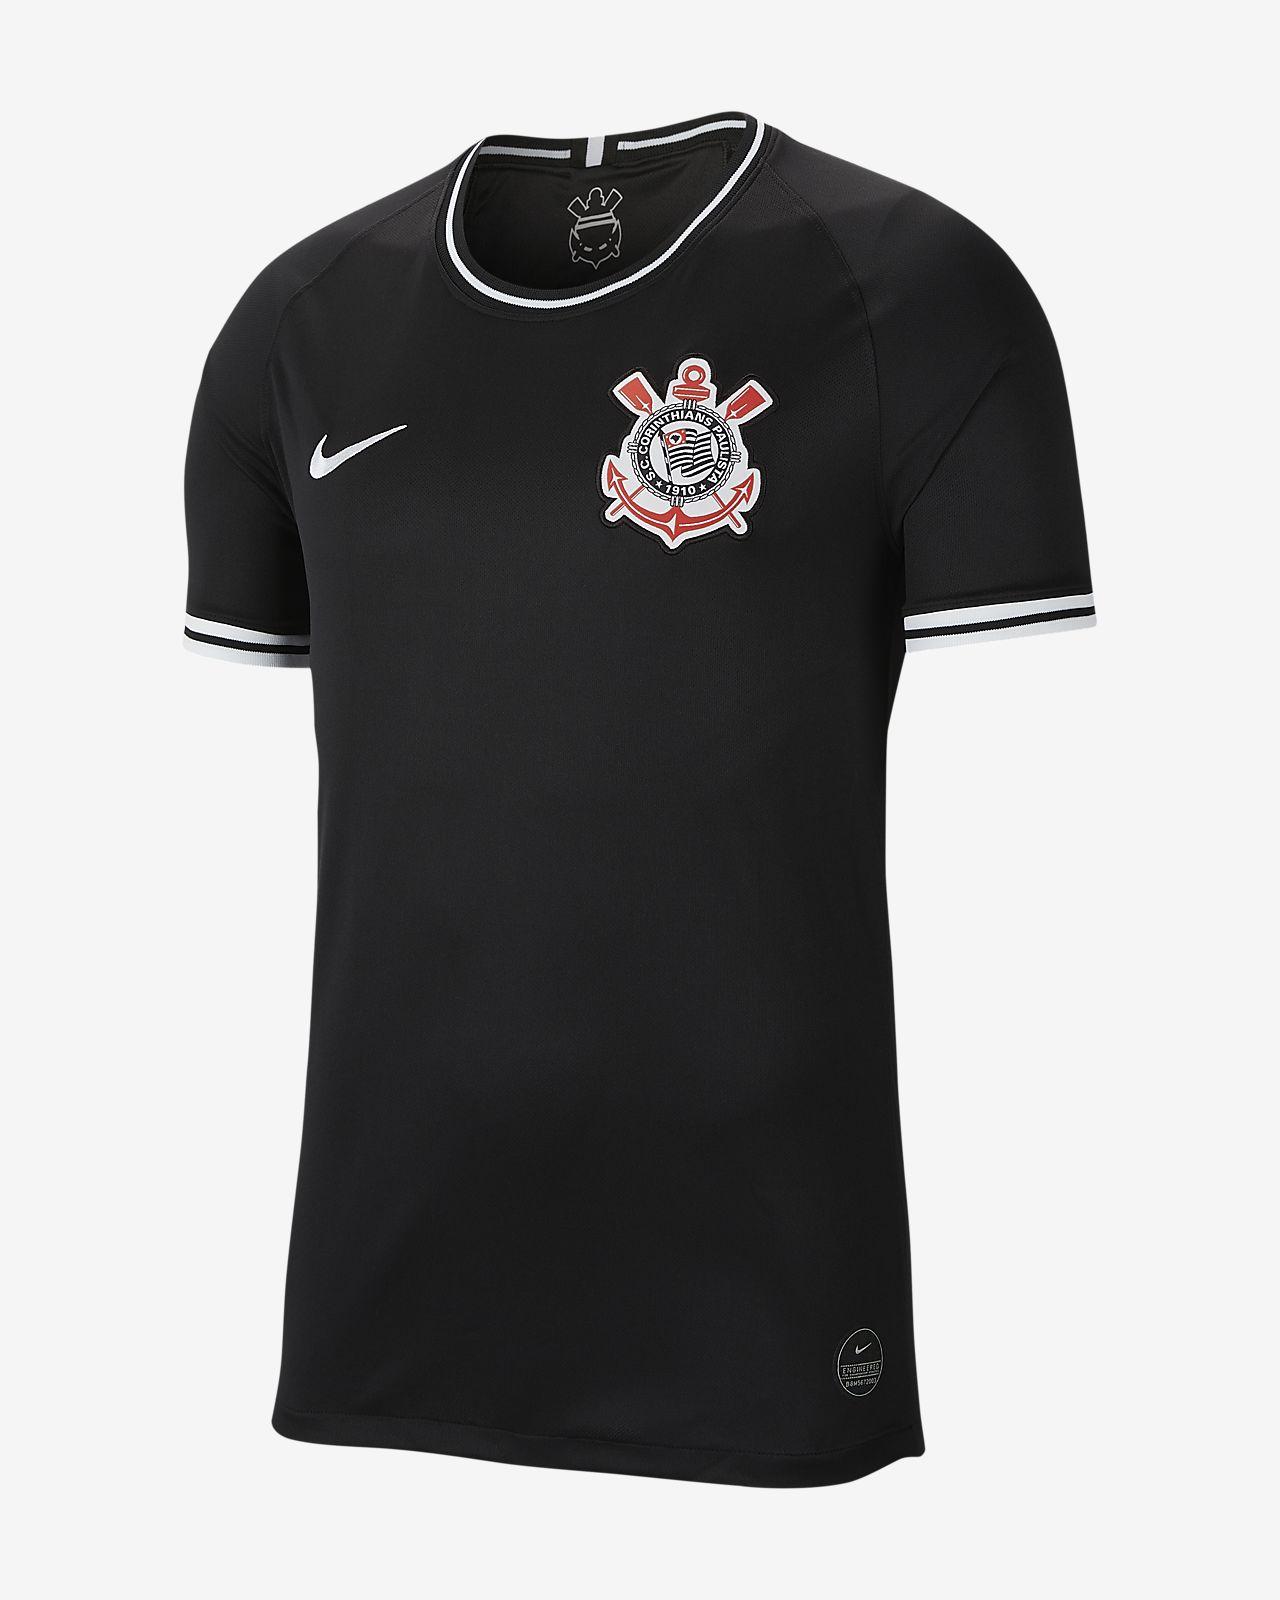 S.C. Corinthians 2019/20 Stadium Away Erkek Futbol Forması